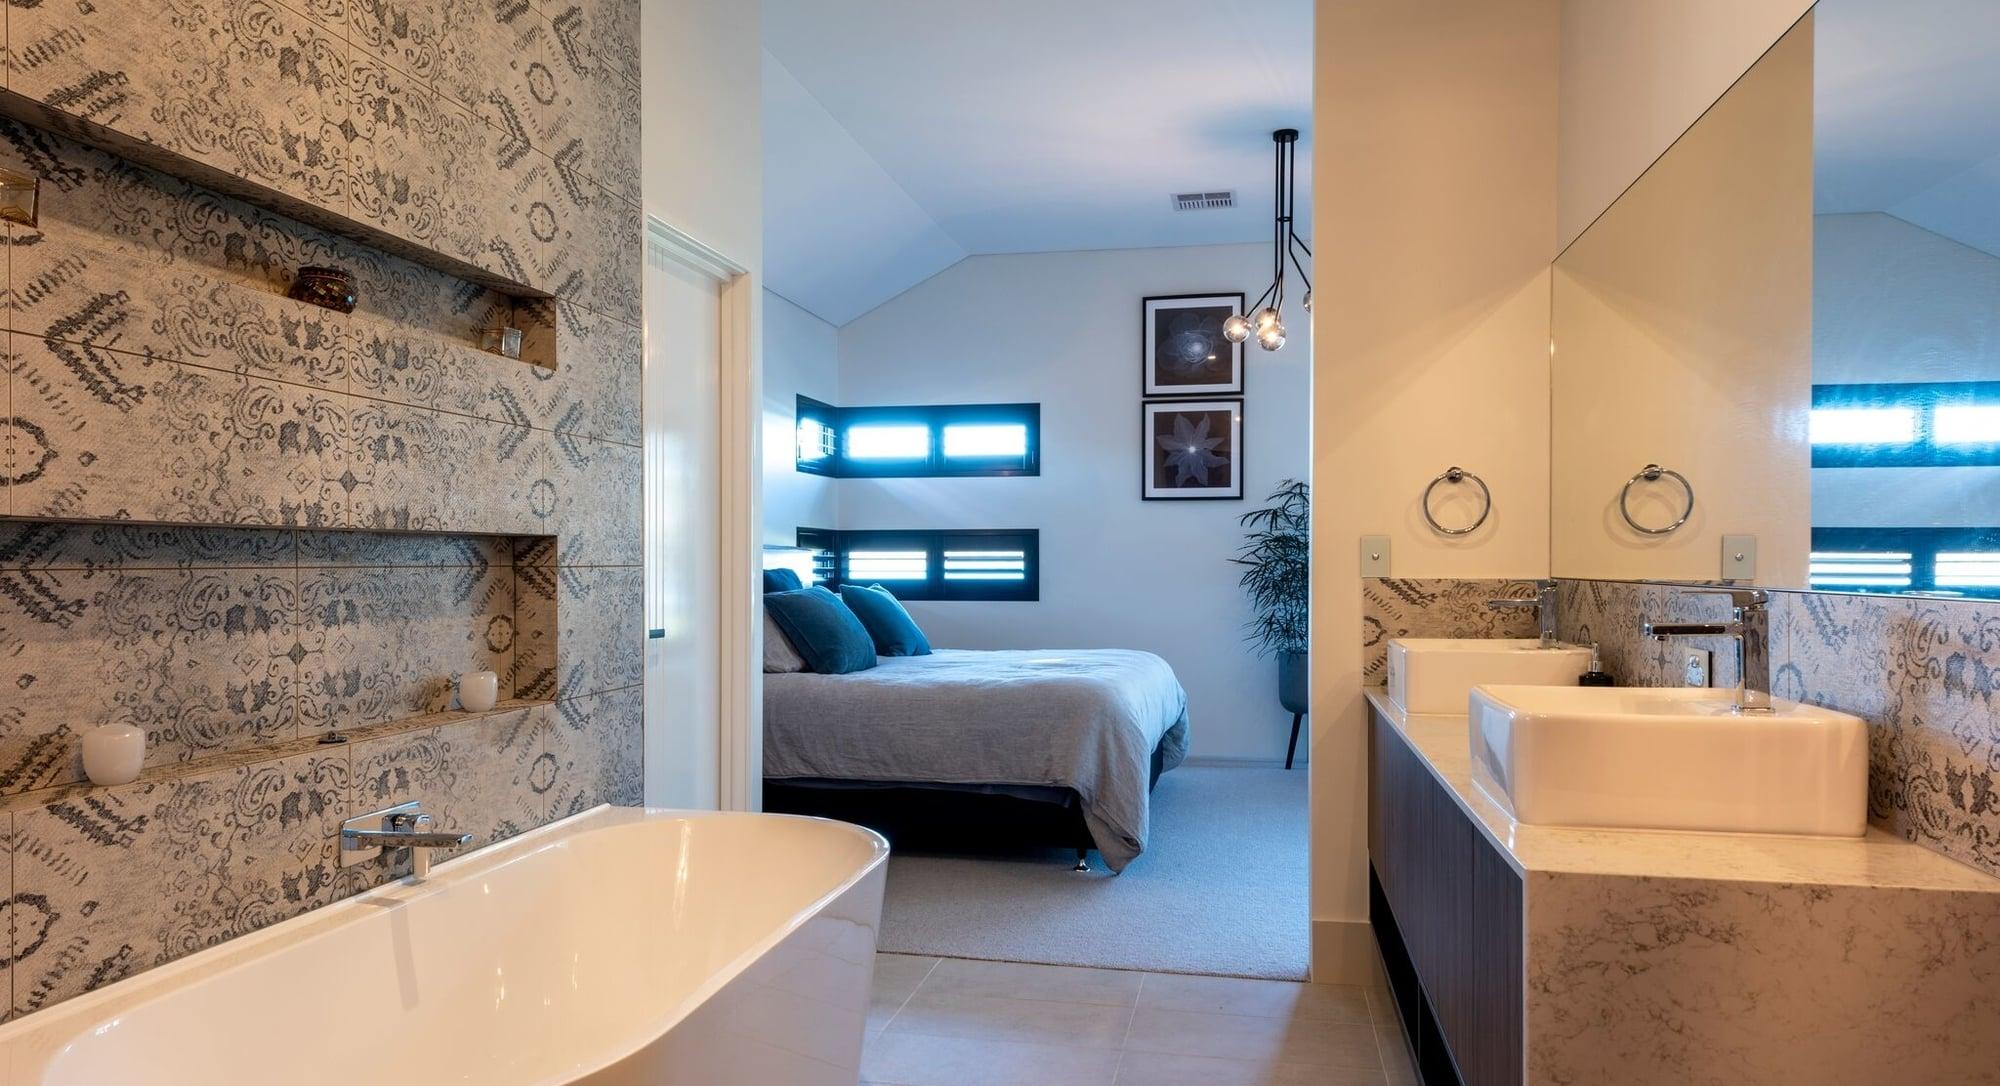 Ensuite in a New Home Australind built by Bunbury Builders - Coastline Homes